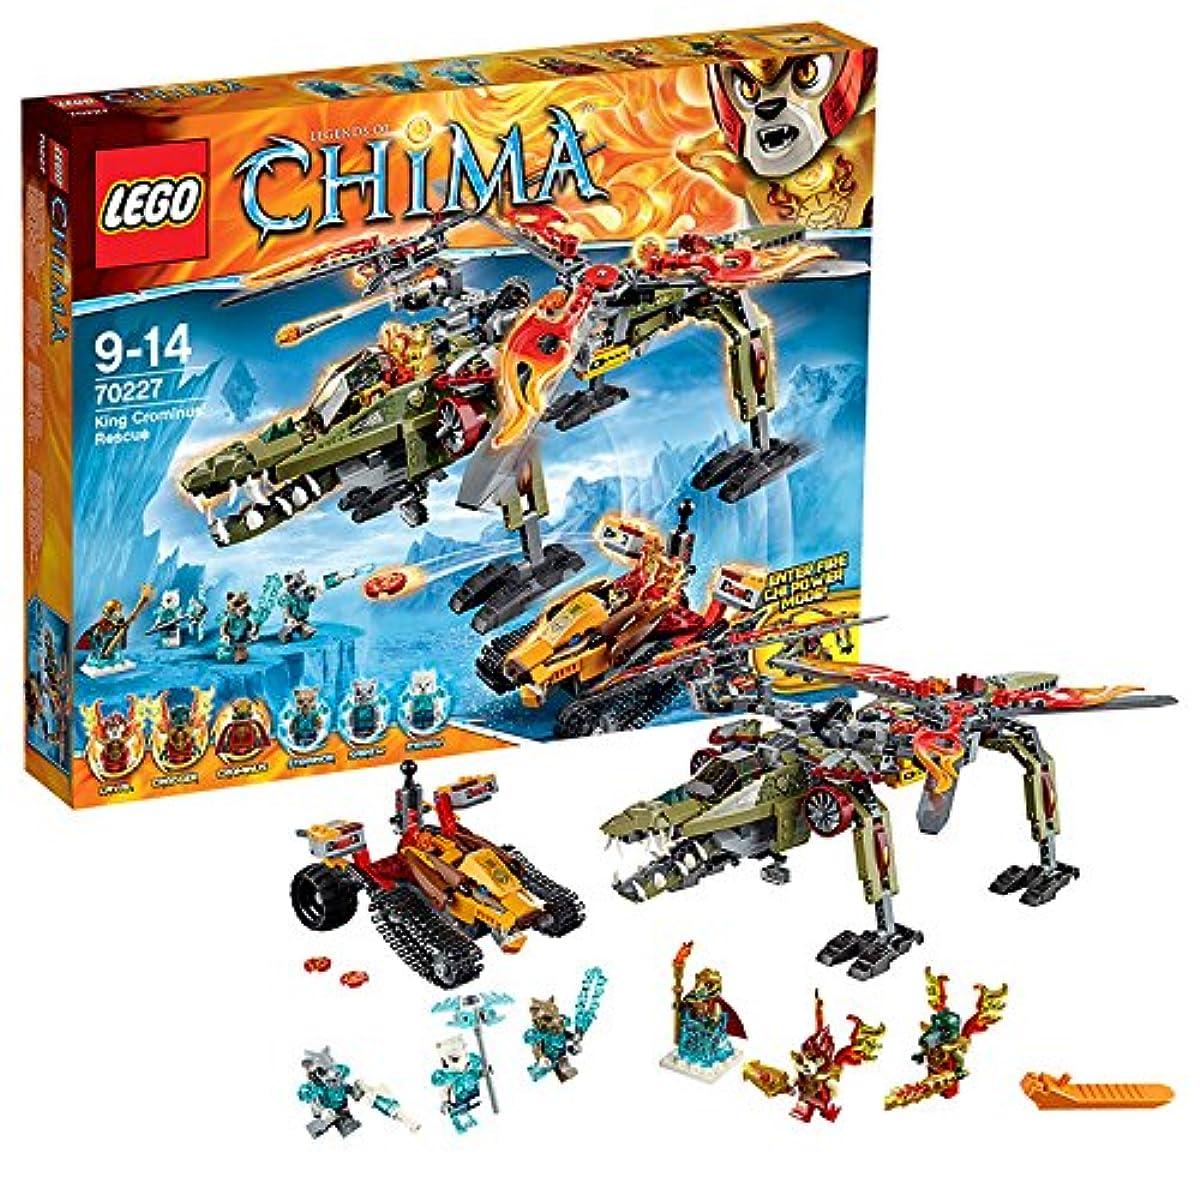 [해외] 레고 (LEGO) 찌마 쿠로미나스왕의 구출 70227-70227 (2015-06-05)